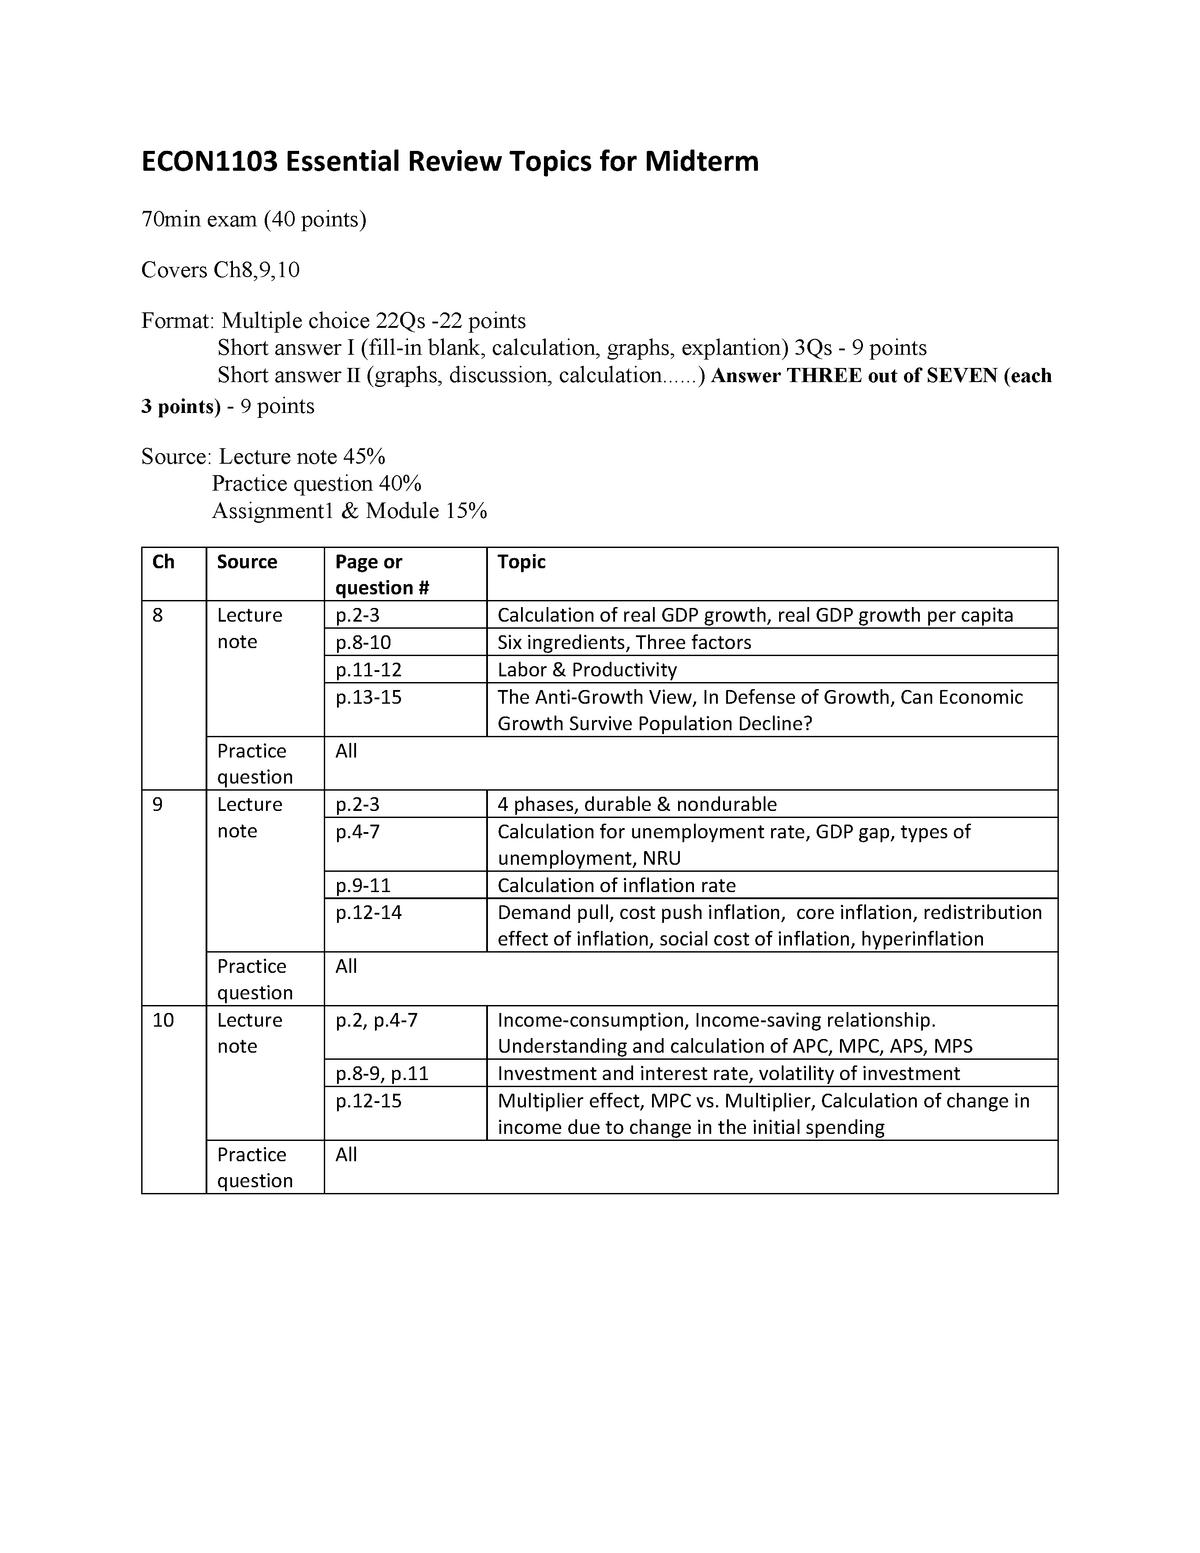 Midterm Review - Econ 1103: Principles of Macroeconomics